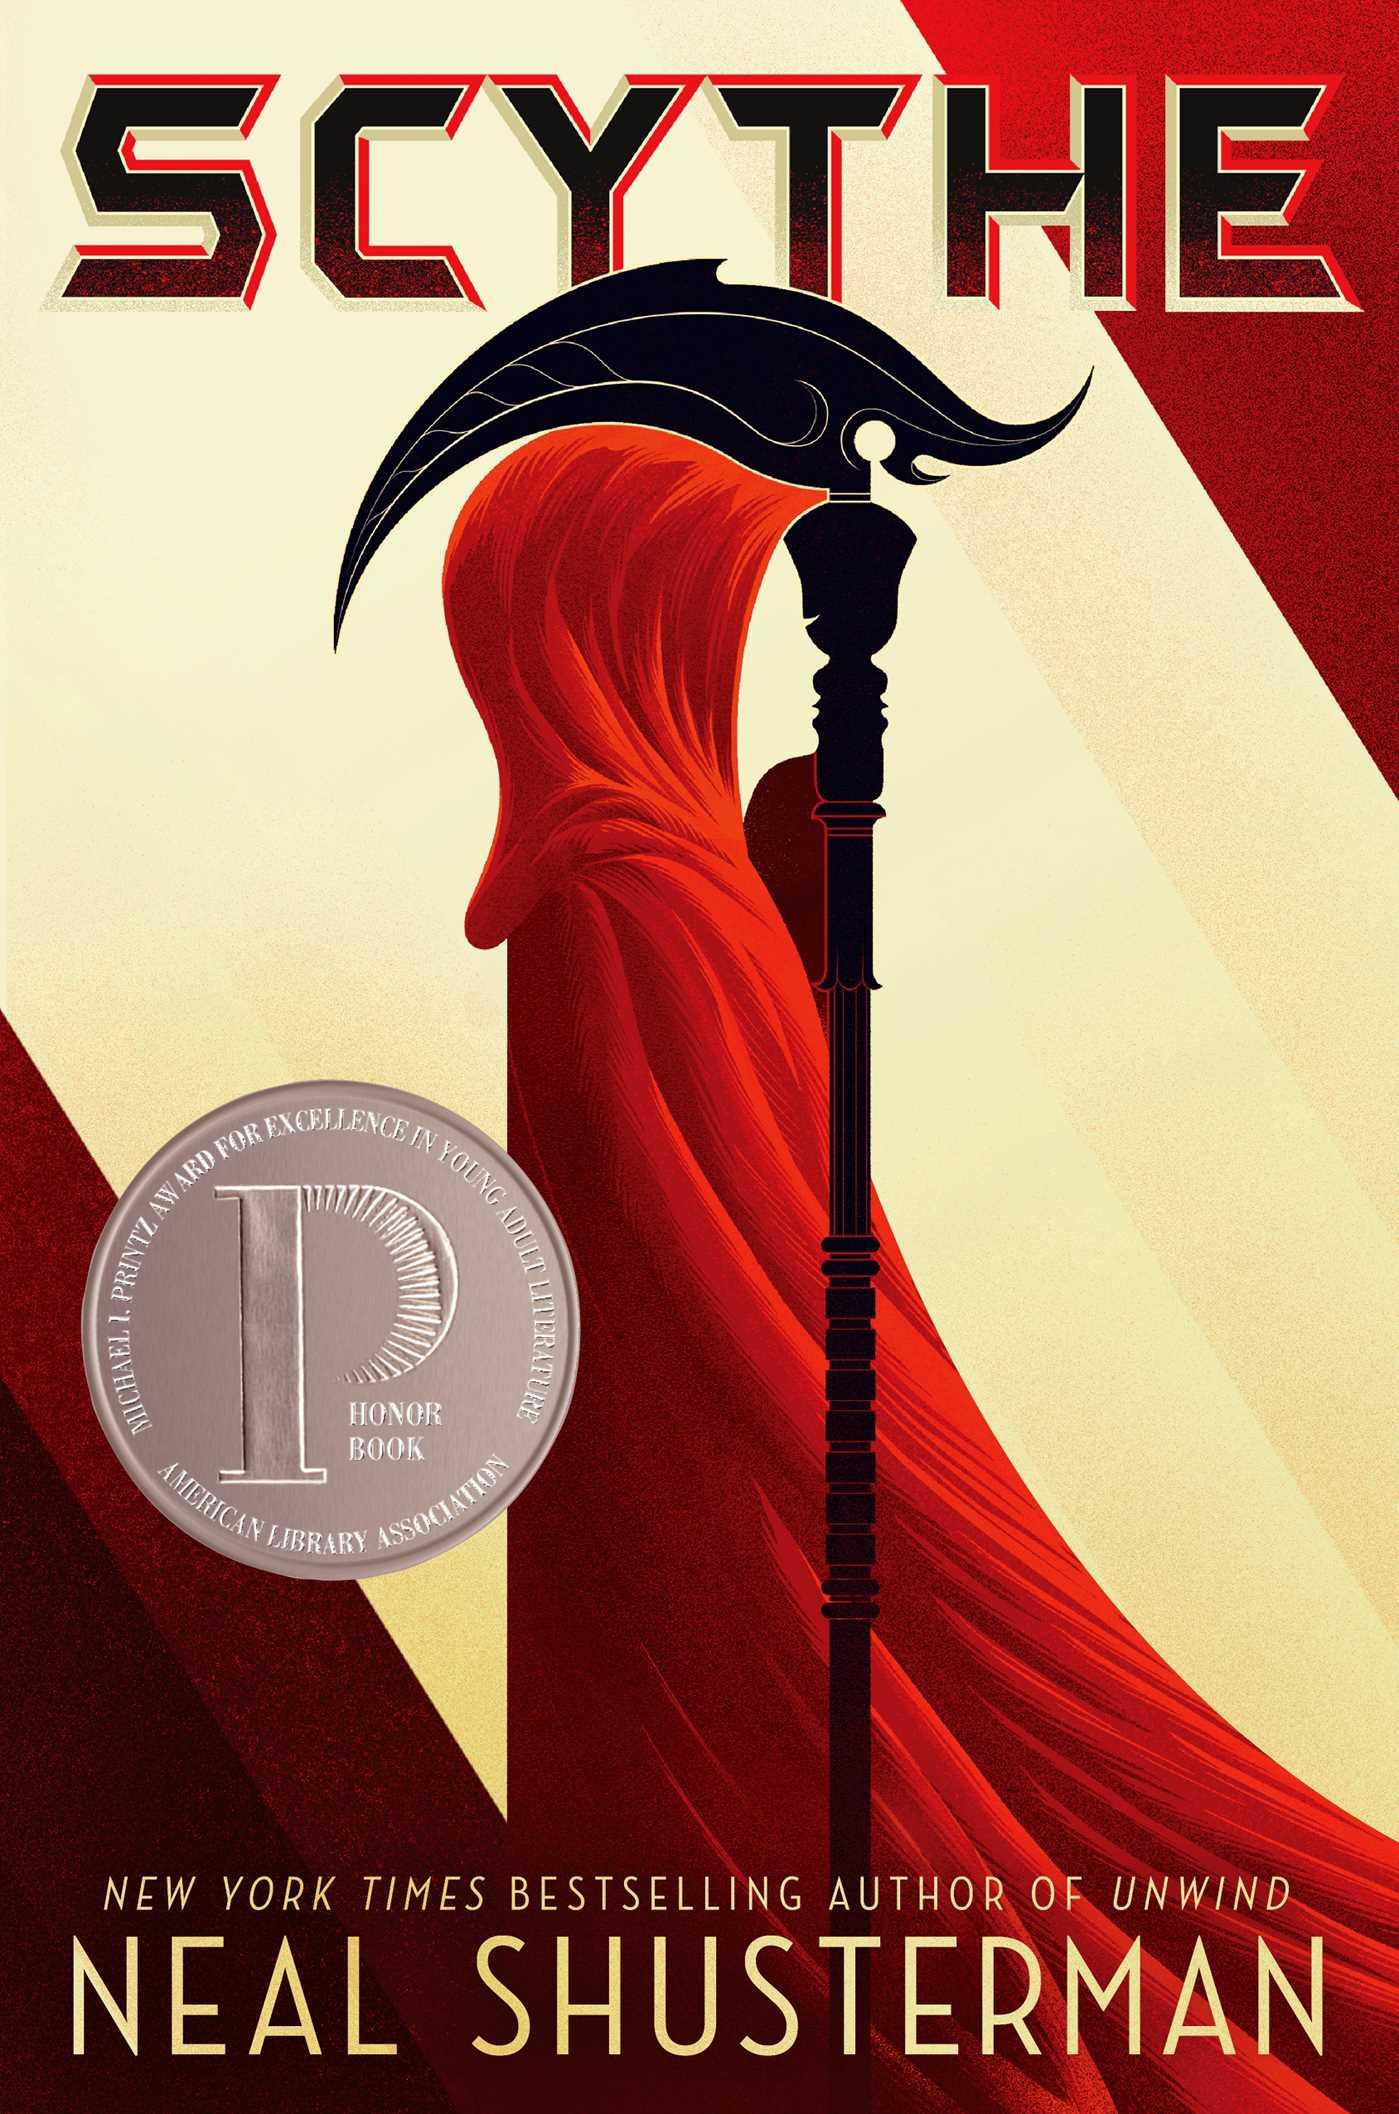 Drawn scythe red Simon Scythe by Page